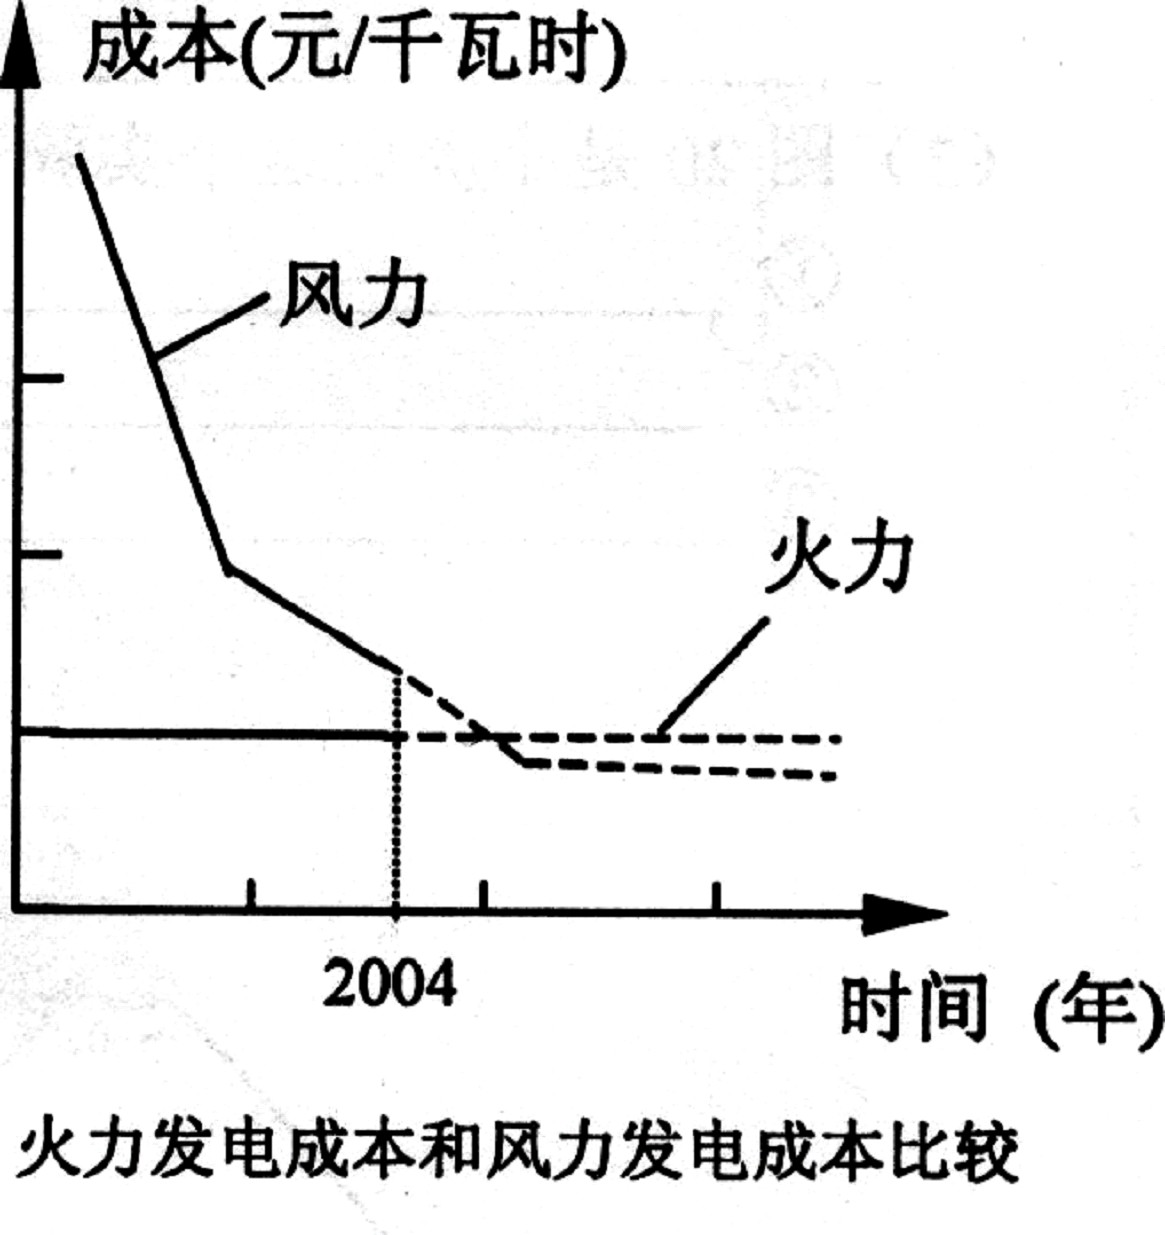 实验桌上备有电流表一只(量程为0~0.6A和0~3A),电压表一只(量程为0~3V和0~15V),滑动变阻器一只(阻值范围0~18),电源一组(6V),若用以上器材测定阻值约为6的电阻,则: (1).为组成实验电路,除以上器材外,还需要______1只,导线_____根. (2).该电路中电流变化范围约为__________.